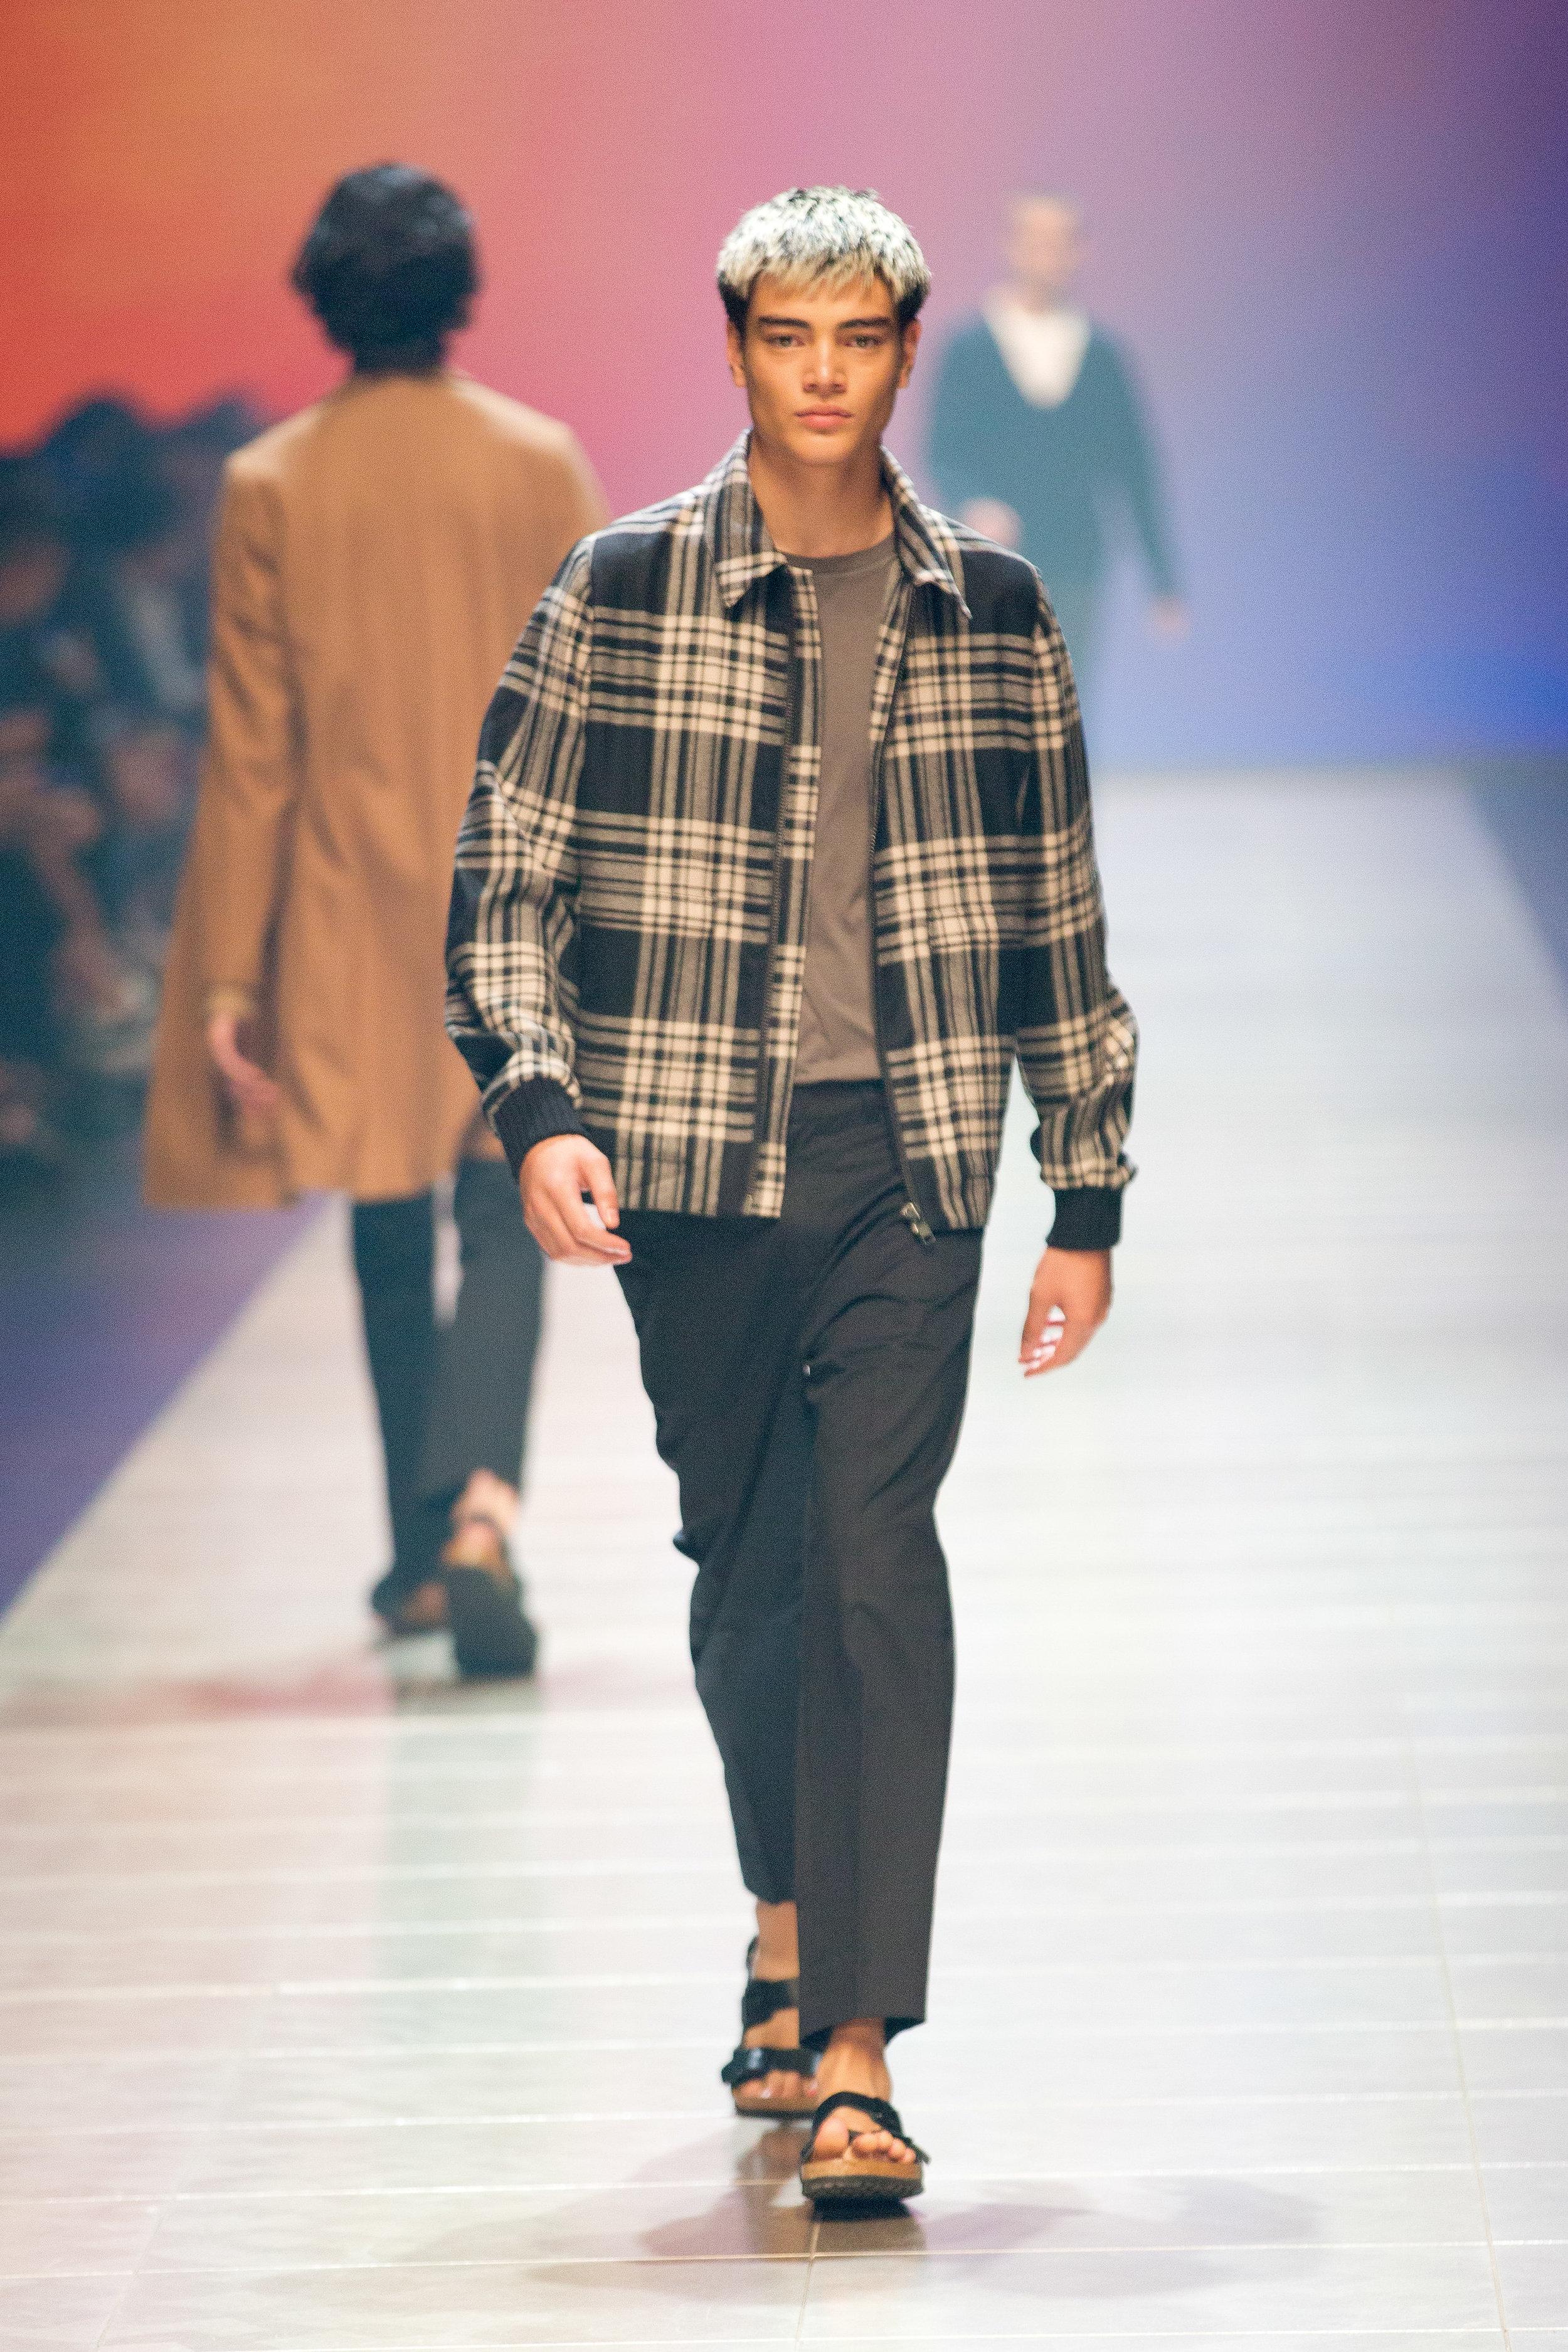 VAMFF2019_GQ Menswear-113.jpg